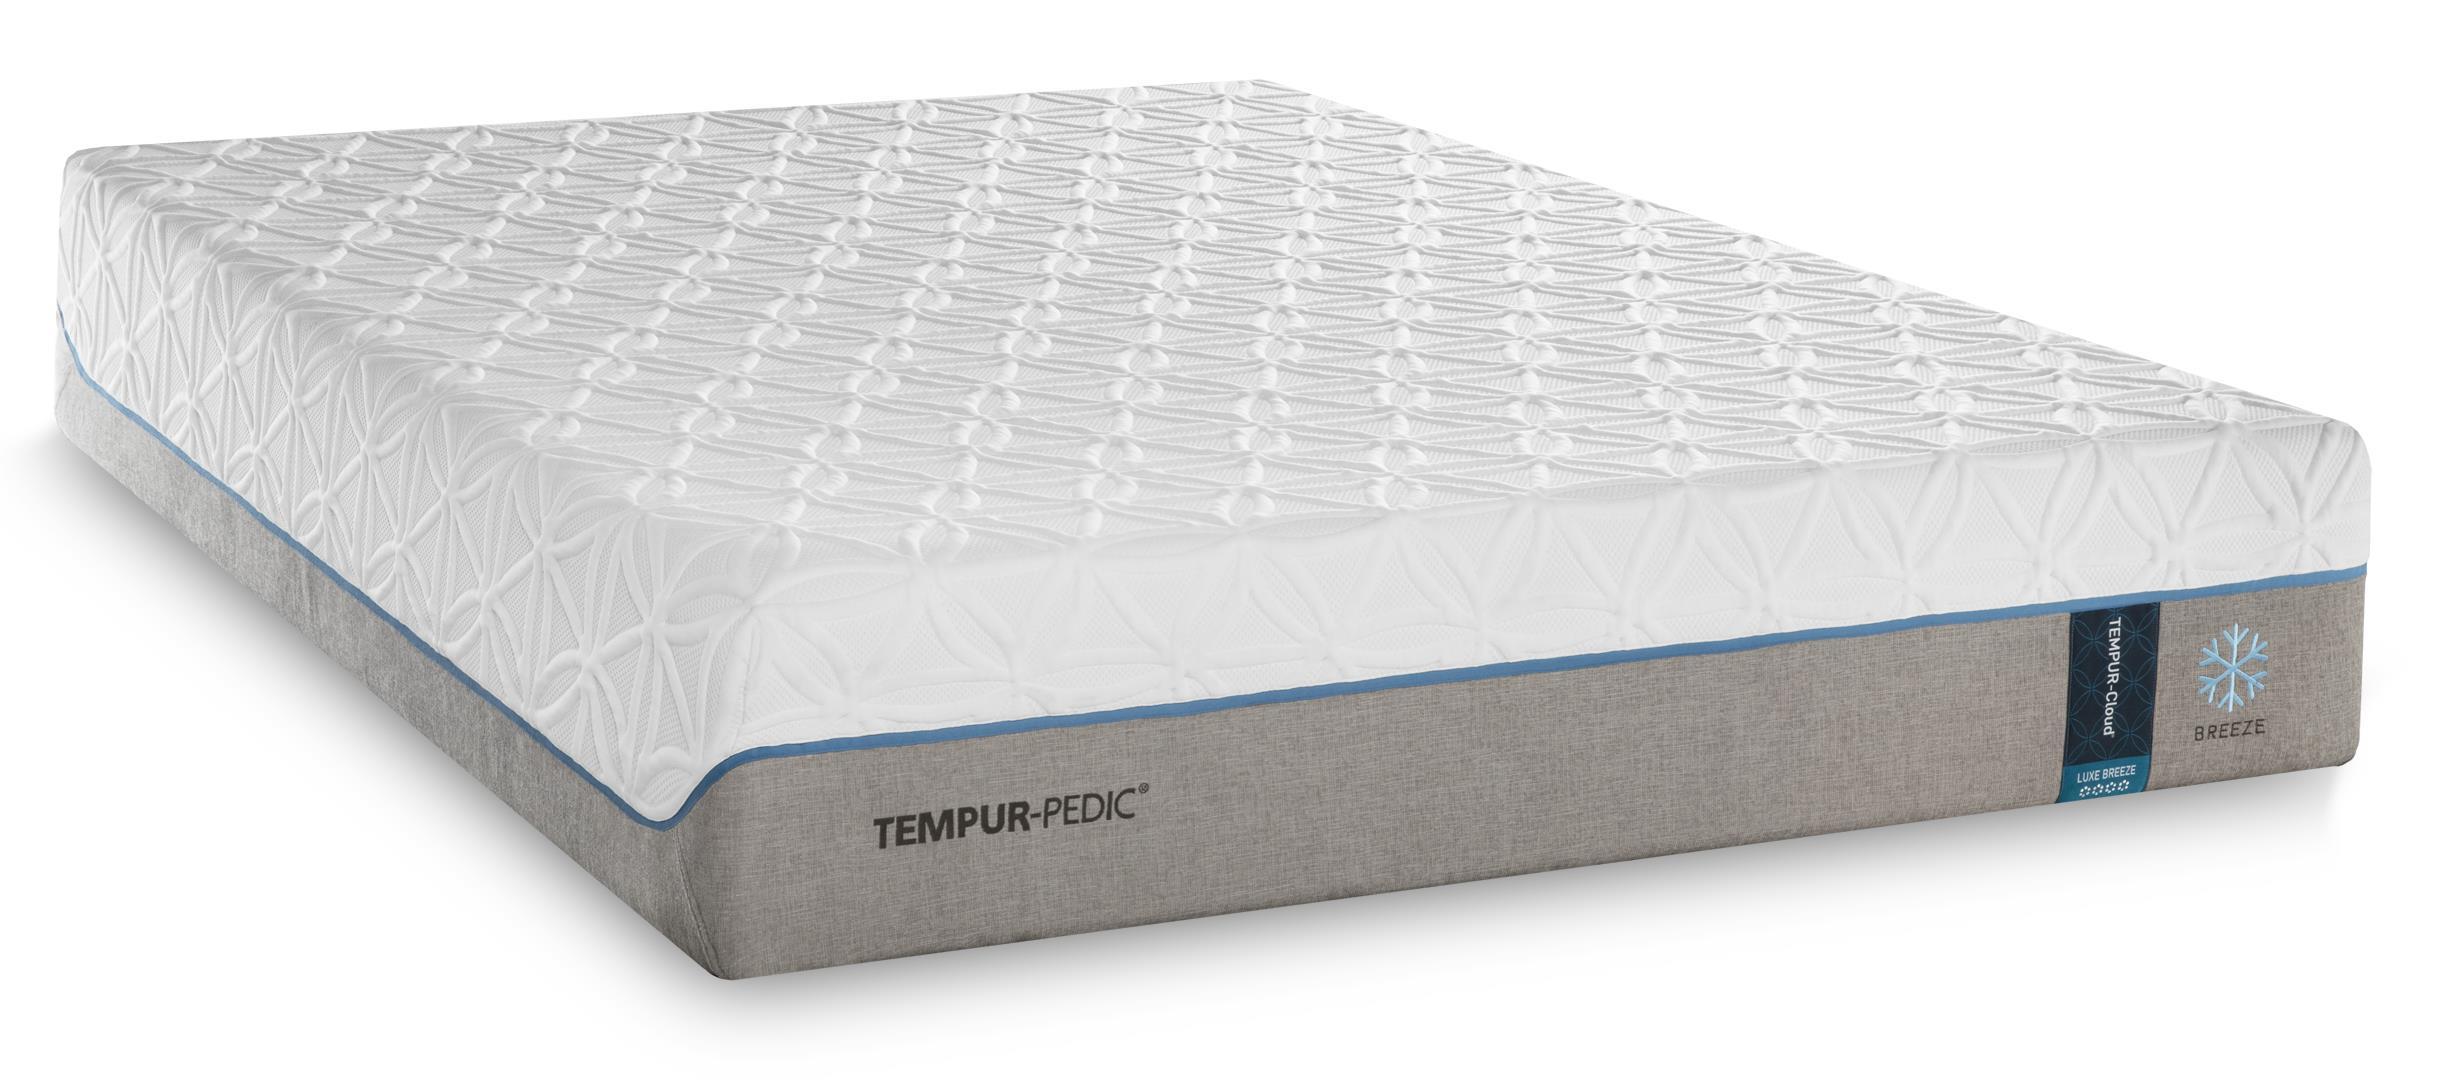 Tempur-Pedic® TEMPUR-Cloud Luxe Breeze 2 Queen Ultra-Soft Mattress Set, Adj - Item Number: 10109250+25289250